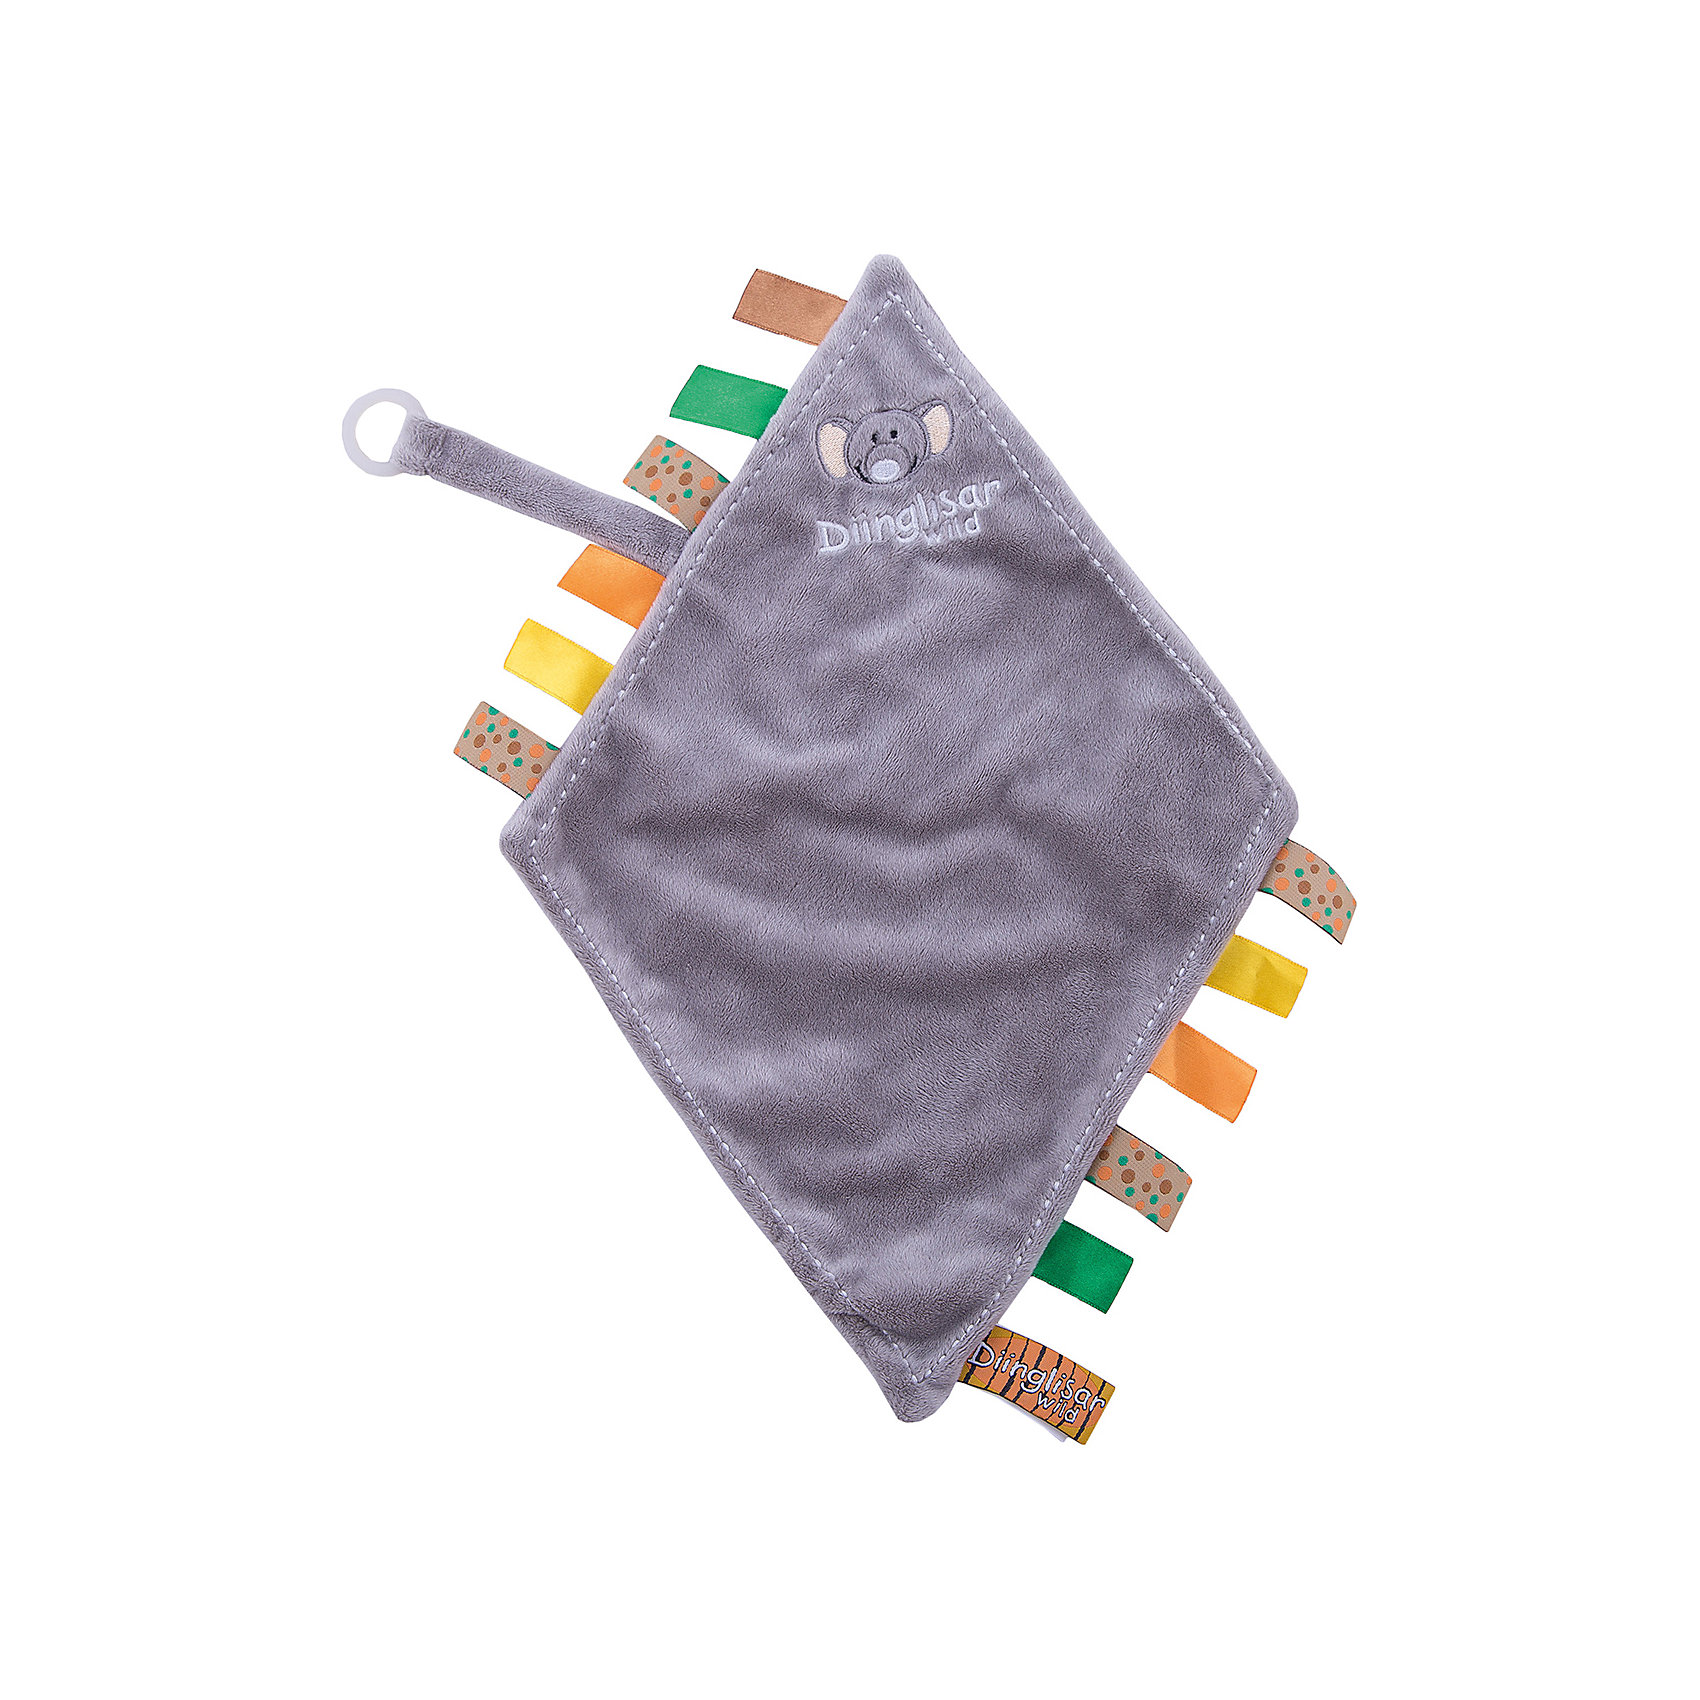 Держатель для соски-салфетка Слон, ДинглисарПустышки и аксессуары<br>Характеристики игрушки Teddykompaniet: <br><br>• размер держателя-салфетки: 24х23 см;<br>• материал: 100% хлопок (безворсовый велюр) – салфетка; пластик – кольцо-держатель;<br>• серия: Динглисар;<br>• тип крепления: кольцо-держатель.<br><br>Держатель-салфетка с вышитой мордочкой слоненка декорирован атласными ленточками по бокам изделия, на мягкой тесемке закреплен пластиковый карабинчик для пустышки. Малыш может теребить салфетку в ручках, использовать ее на этапе прорезывания зубок – материл отлично впитывает влагу. В процессе игры развивается мелкая моторика ручек, тактильное восприятие, зрительный анализатор. <br><br>Держатель для соски-салфетка Слон, Динглисар можно купить в нашем интернет-магазине.<br><br>Ширина мм: 50<br>Глубина мм: 100<br>Высота мм: 100<br>Вес г: 210<br>Возраст от месяцев: 0<br>Возраст до месяцев: 12<br>Пол: Унисекс<br>Возраст: Детский<br>SKU: 5219504